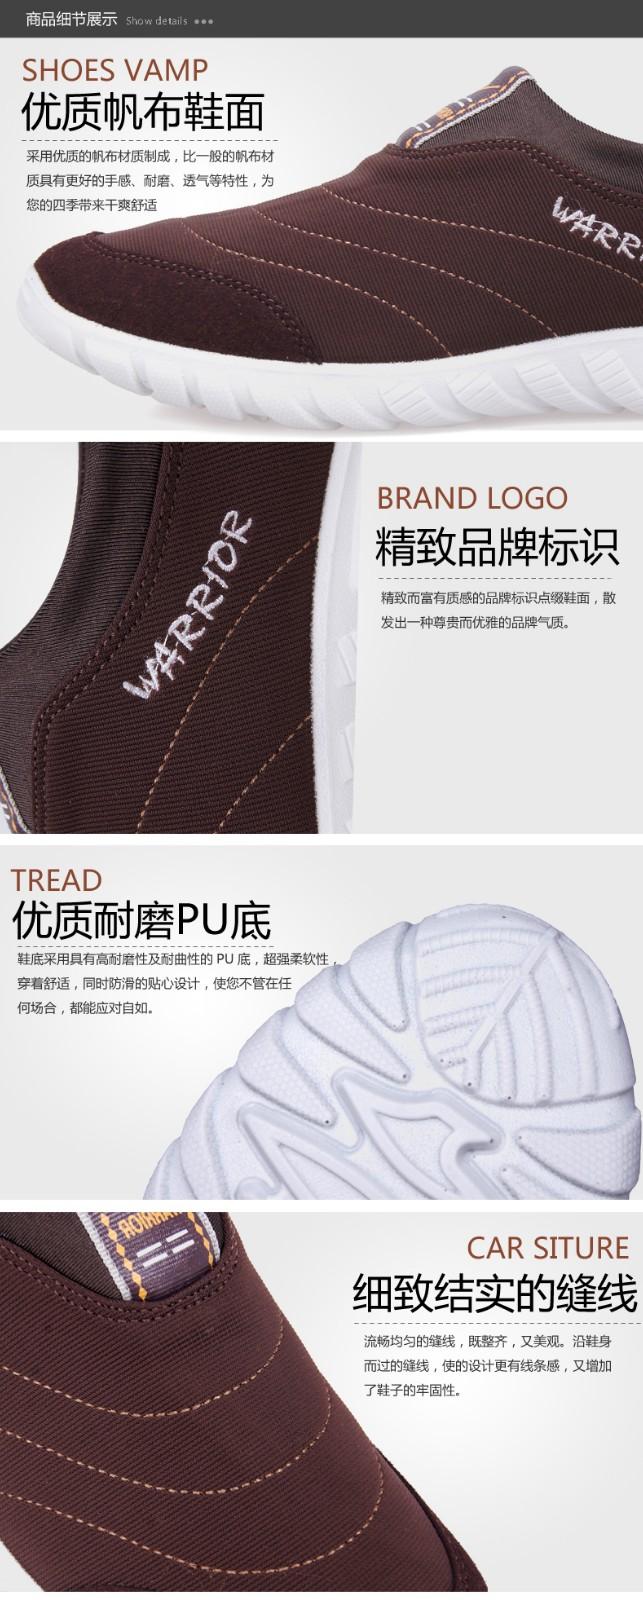 回力男鞋帆布鞋子一脚蹬懒人鞋男士潮流韩版布鞋透气鞋图片六